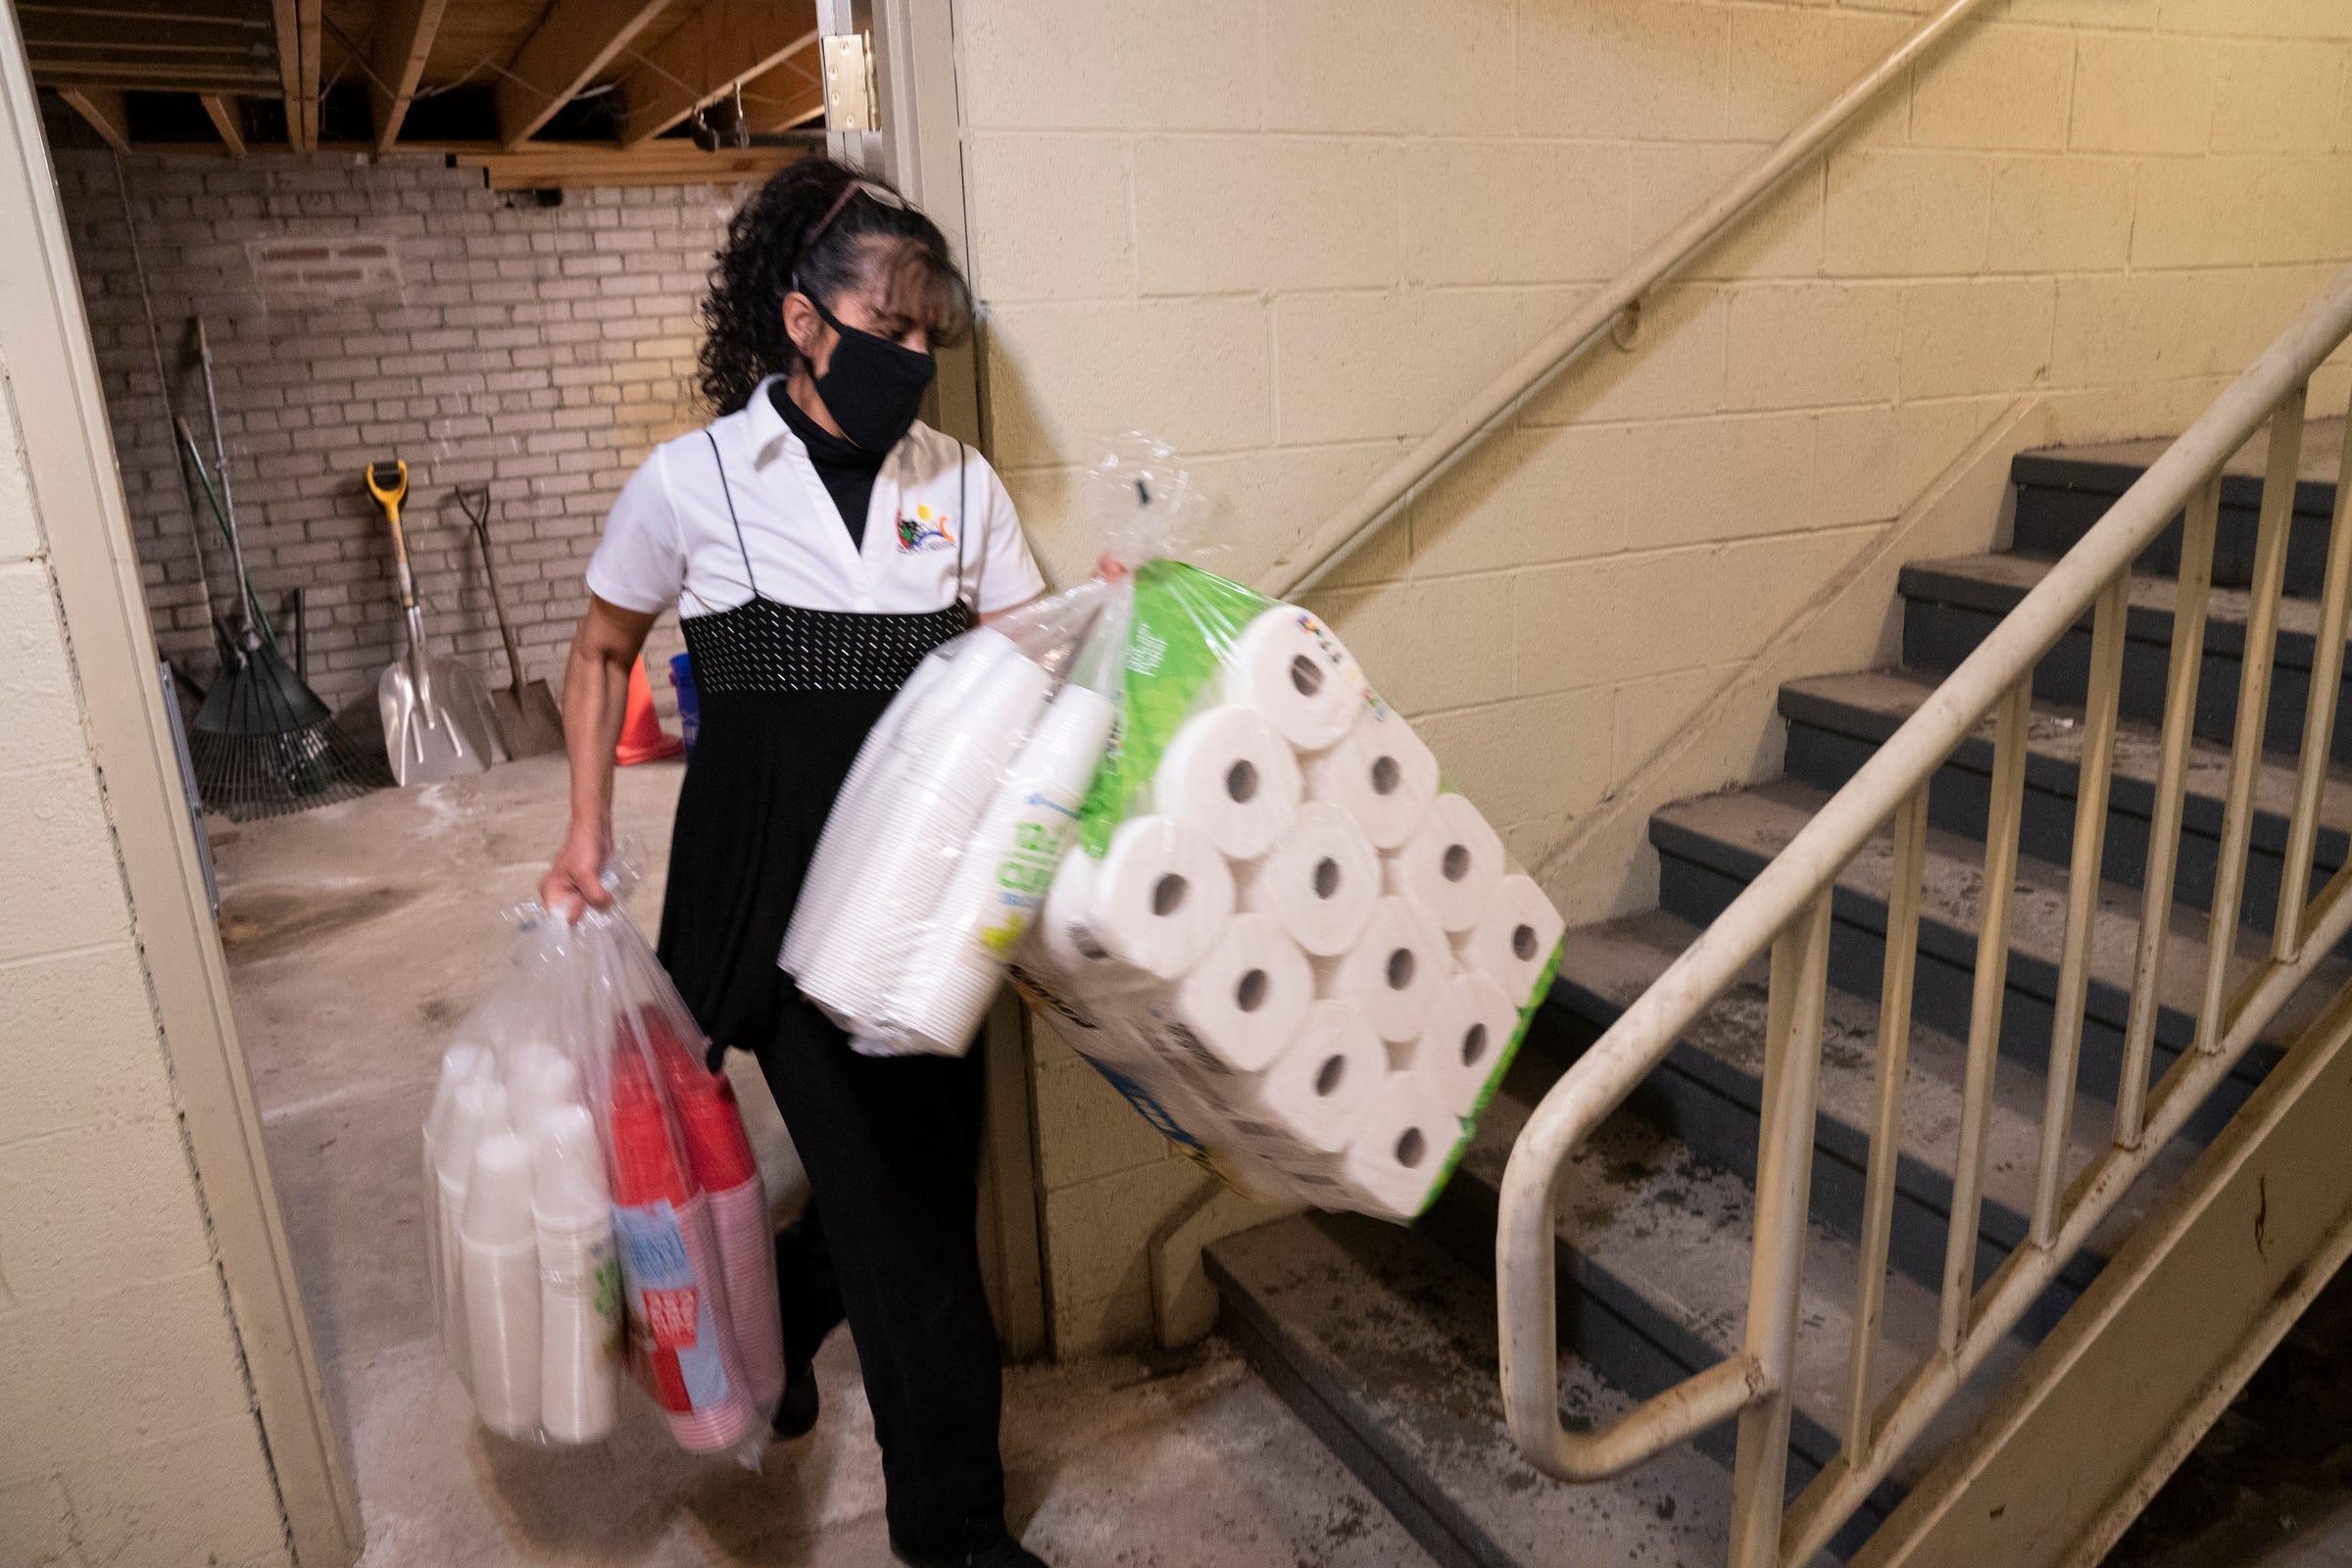 Lucy Ruiz, directora ejecutiva de Congress of Communities en Southwest Detroit, de 50 años y originaria de Detroit, mueve una caja el 22 de abril de 2021 mientras ayuda en las preparaciones de la mudanza a las nuevas oficinas centrales de la organización.